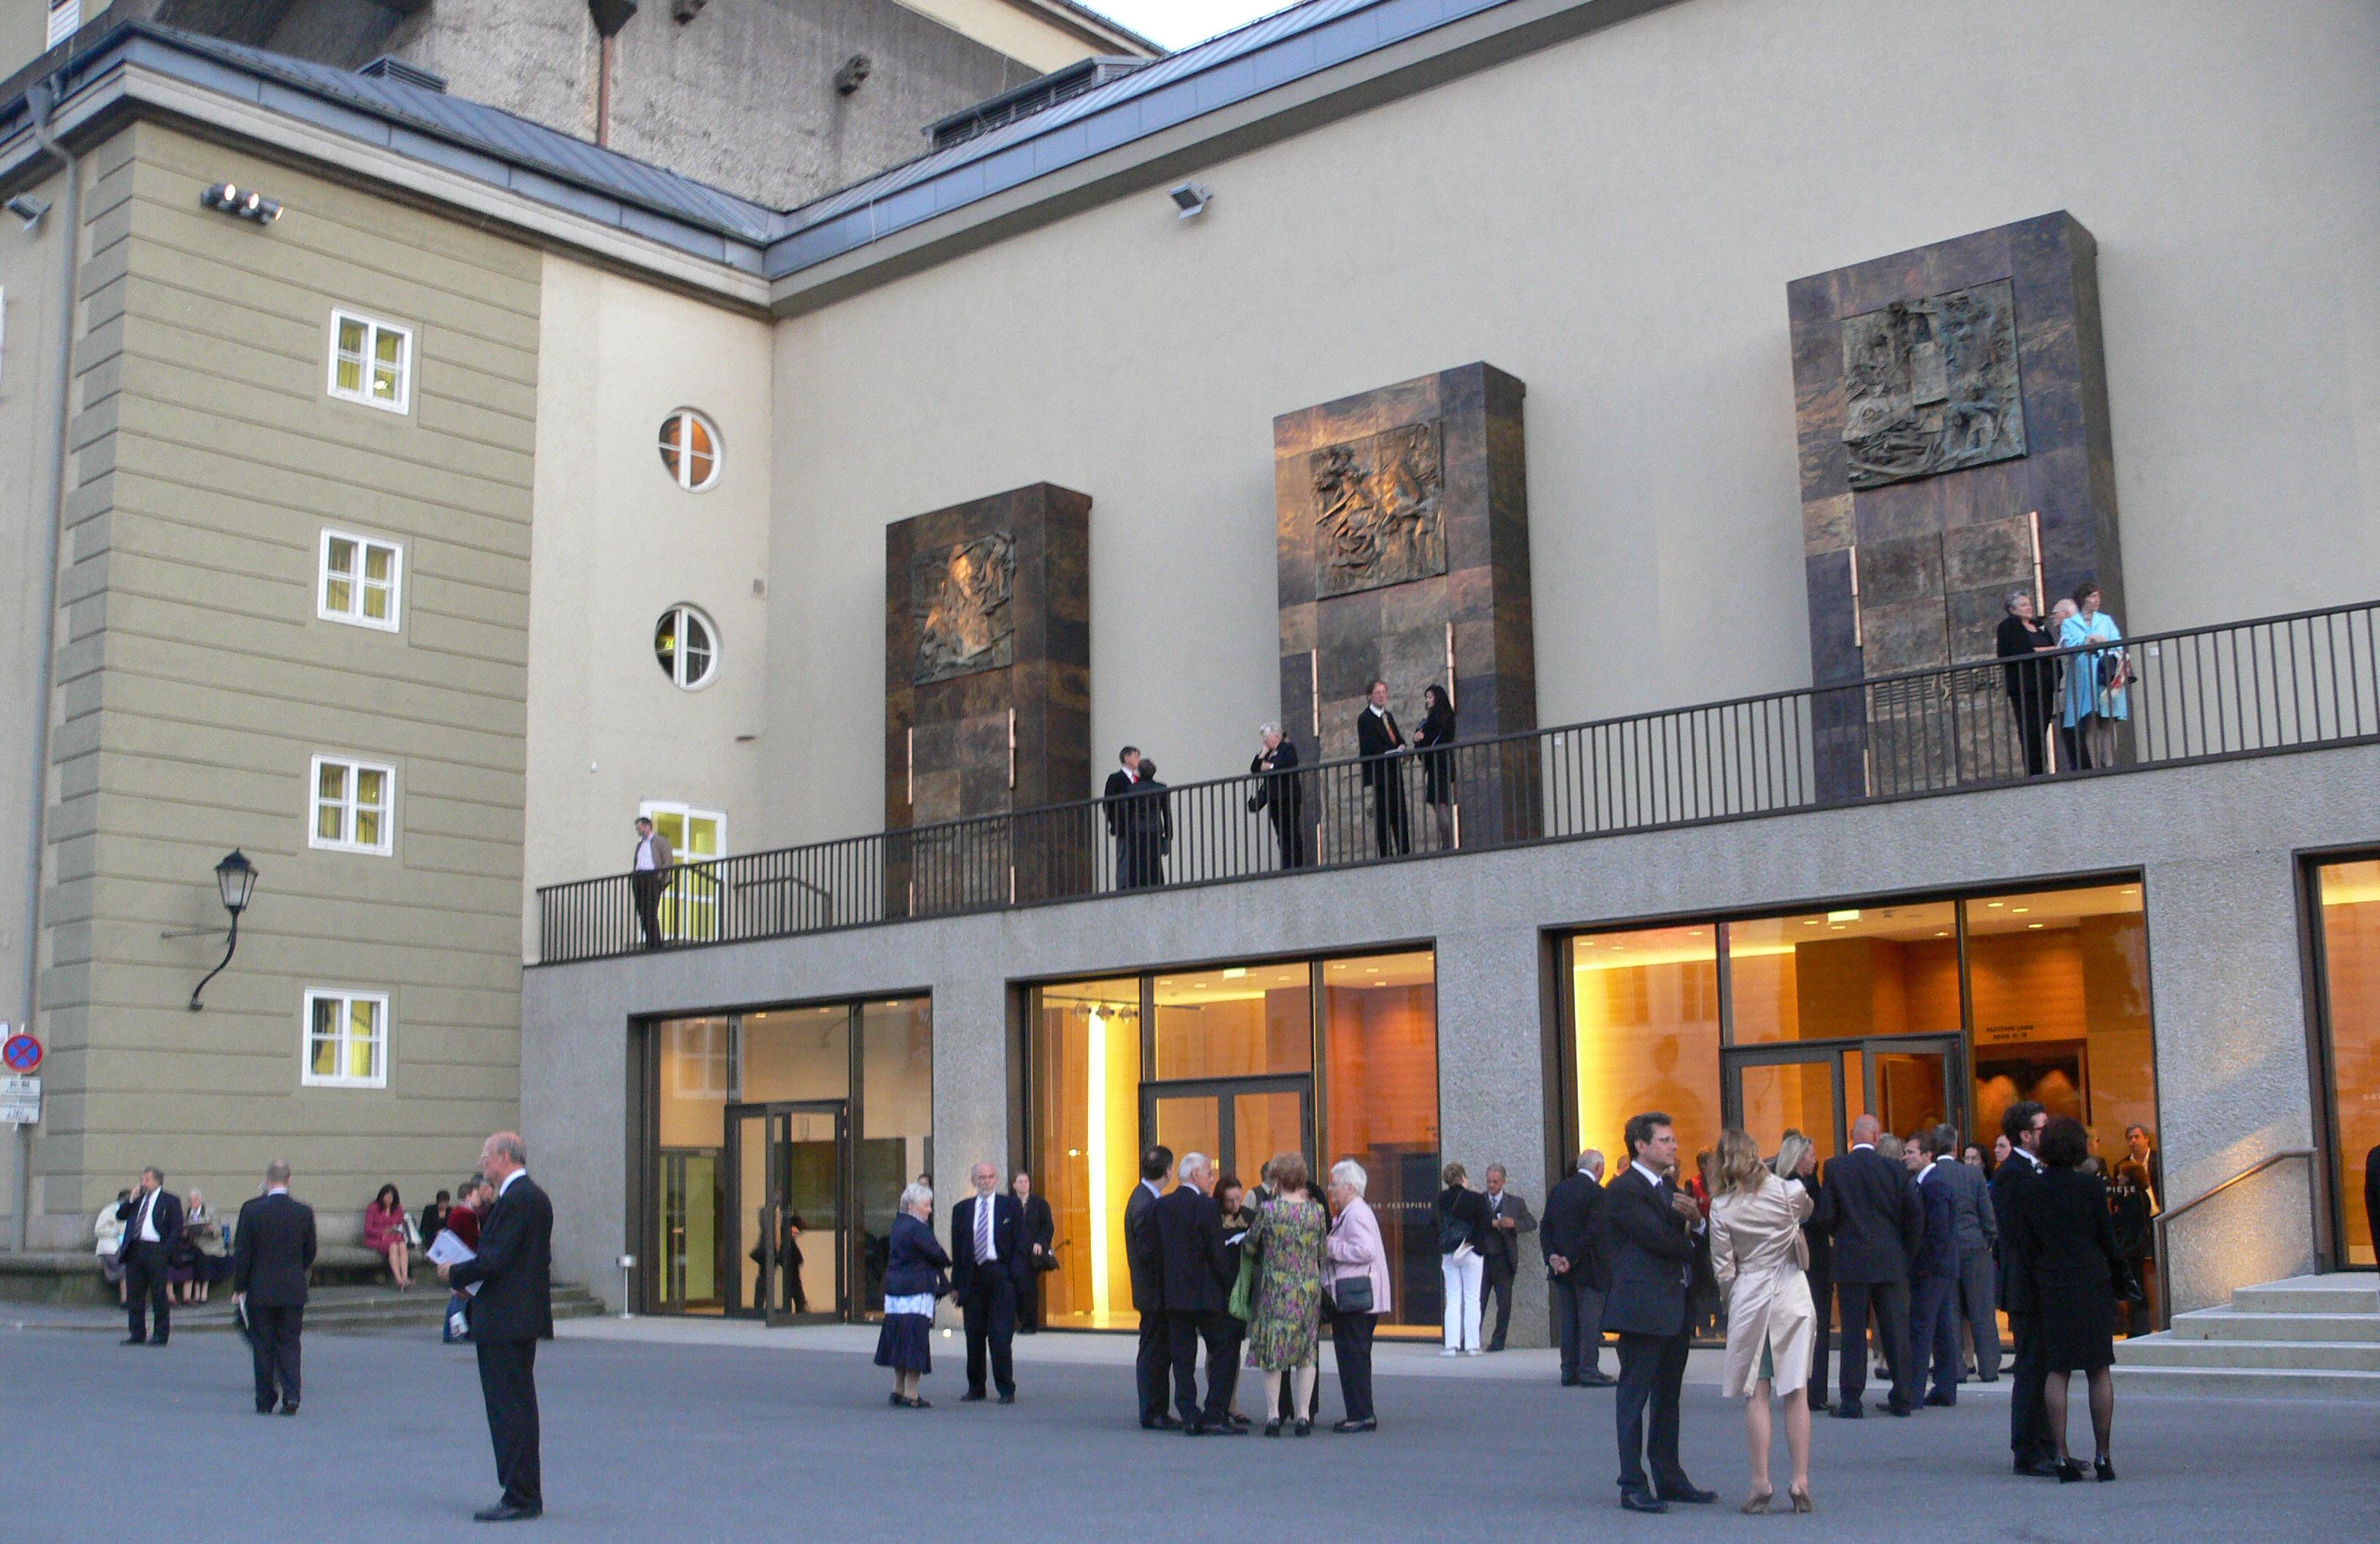 File:Haus für Mozart außen 2.jpg - Wikimedia Commons